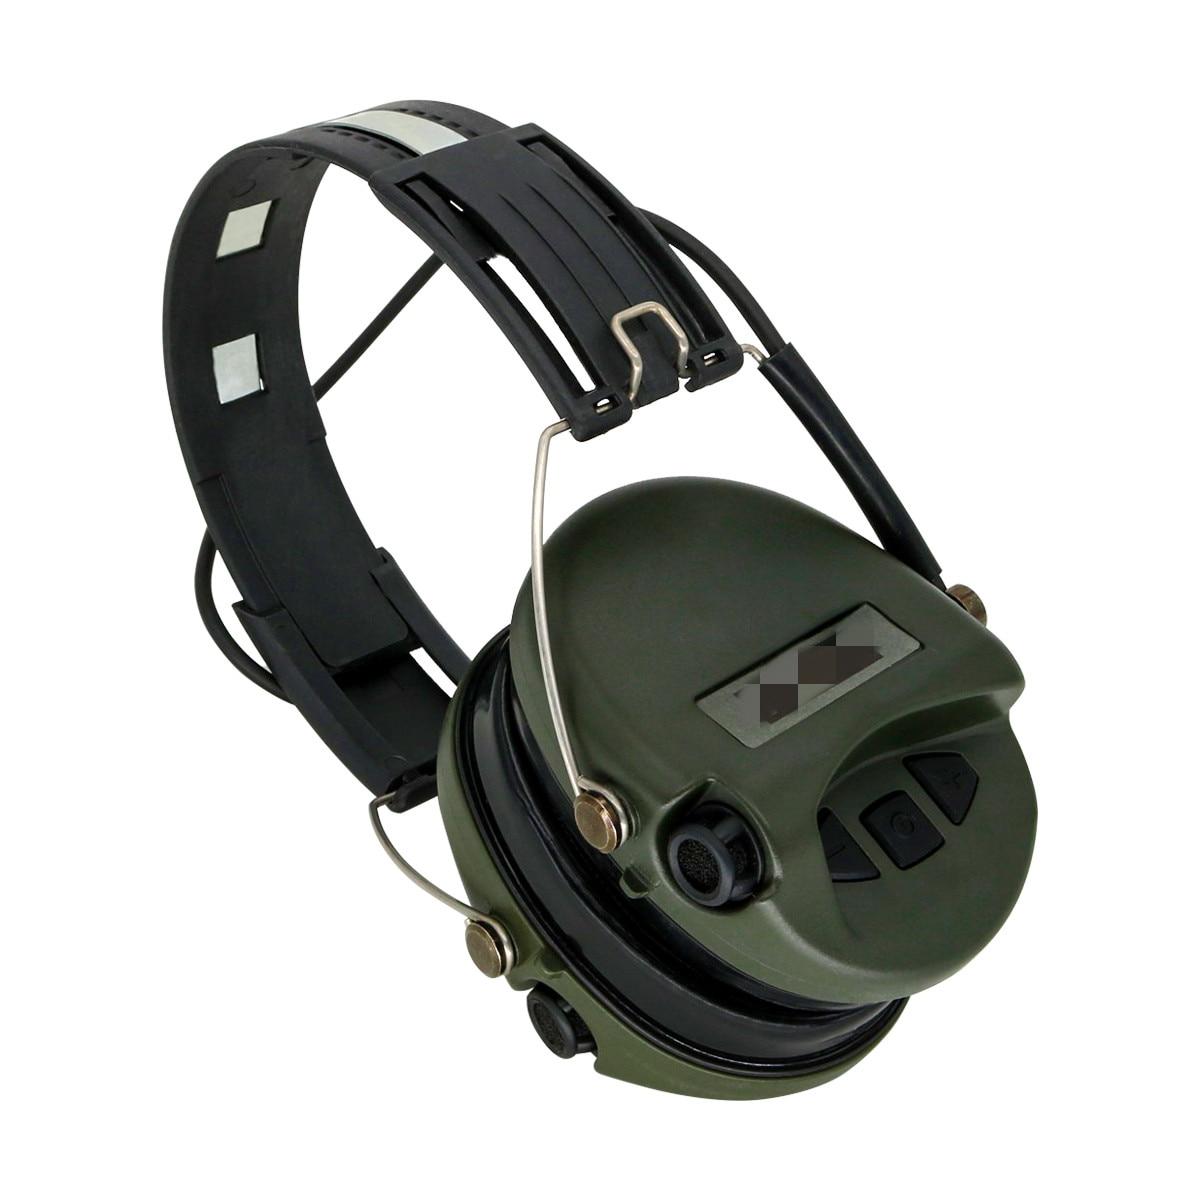 Тактические наушники MSA Airsoft Sordin, уличные охотничьи Электронные Наушники с защитой слуха и шумоподавлением, тактические наушники для стрельбы-4